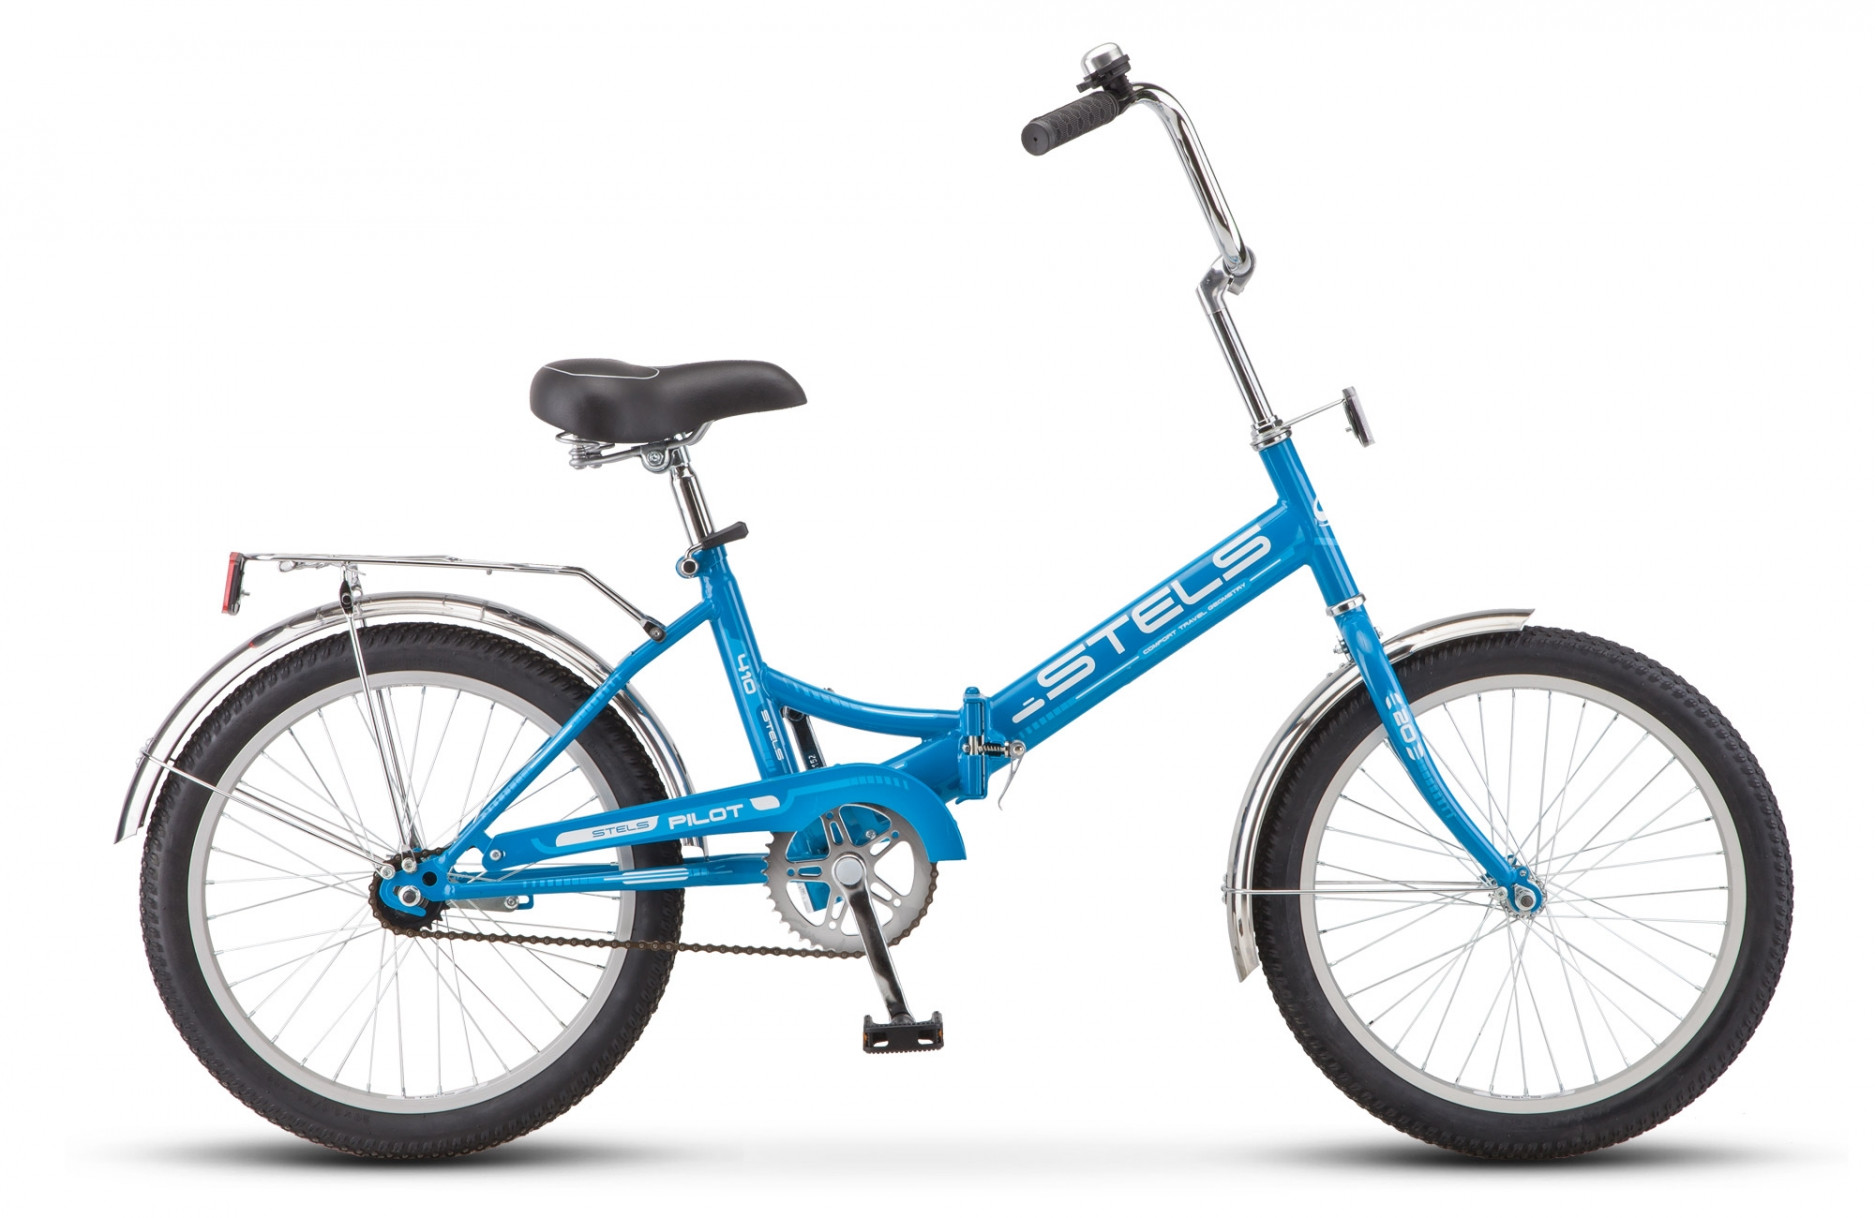 Складной велосипед Stels Pilot-410 2018 Z011 голубой